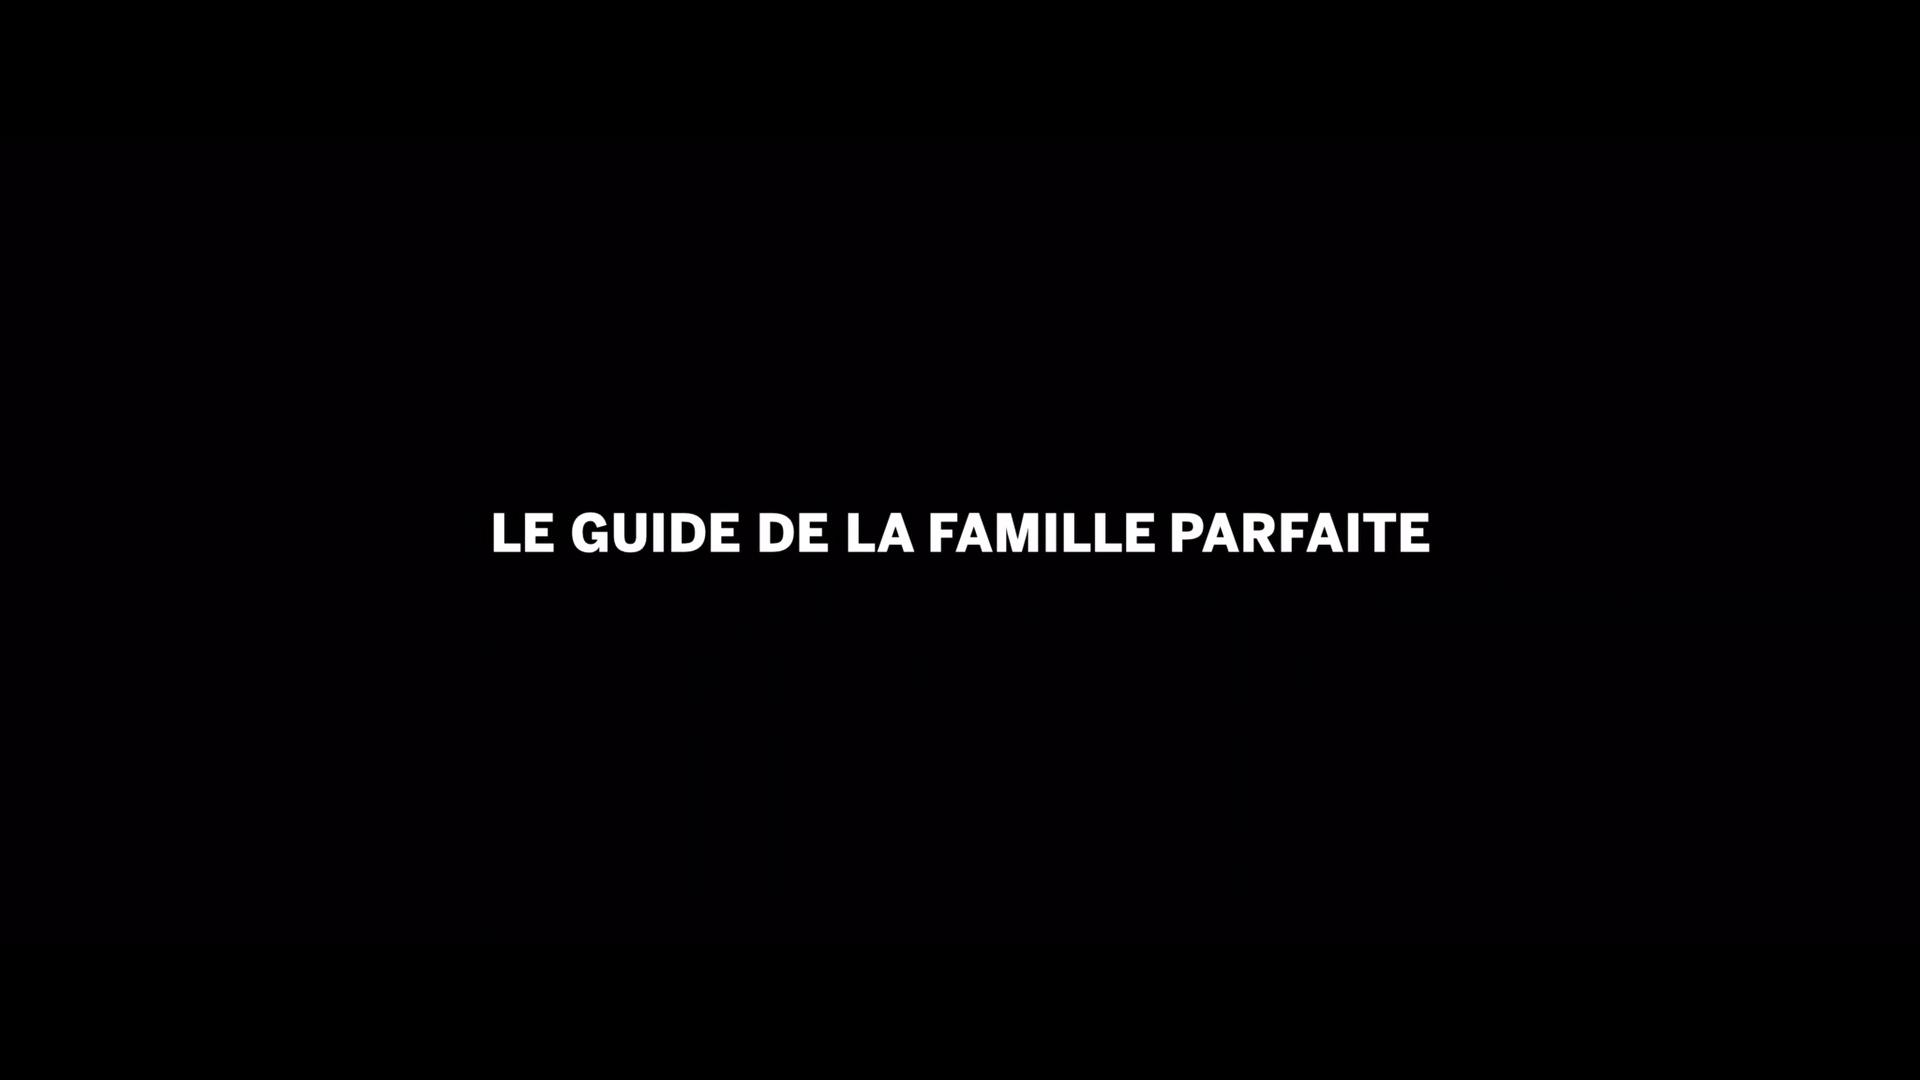 Guía para la familia perfecta (2021) 1080p WEB-DL Latino